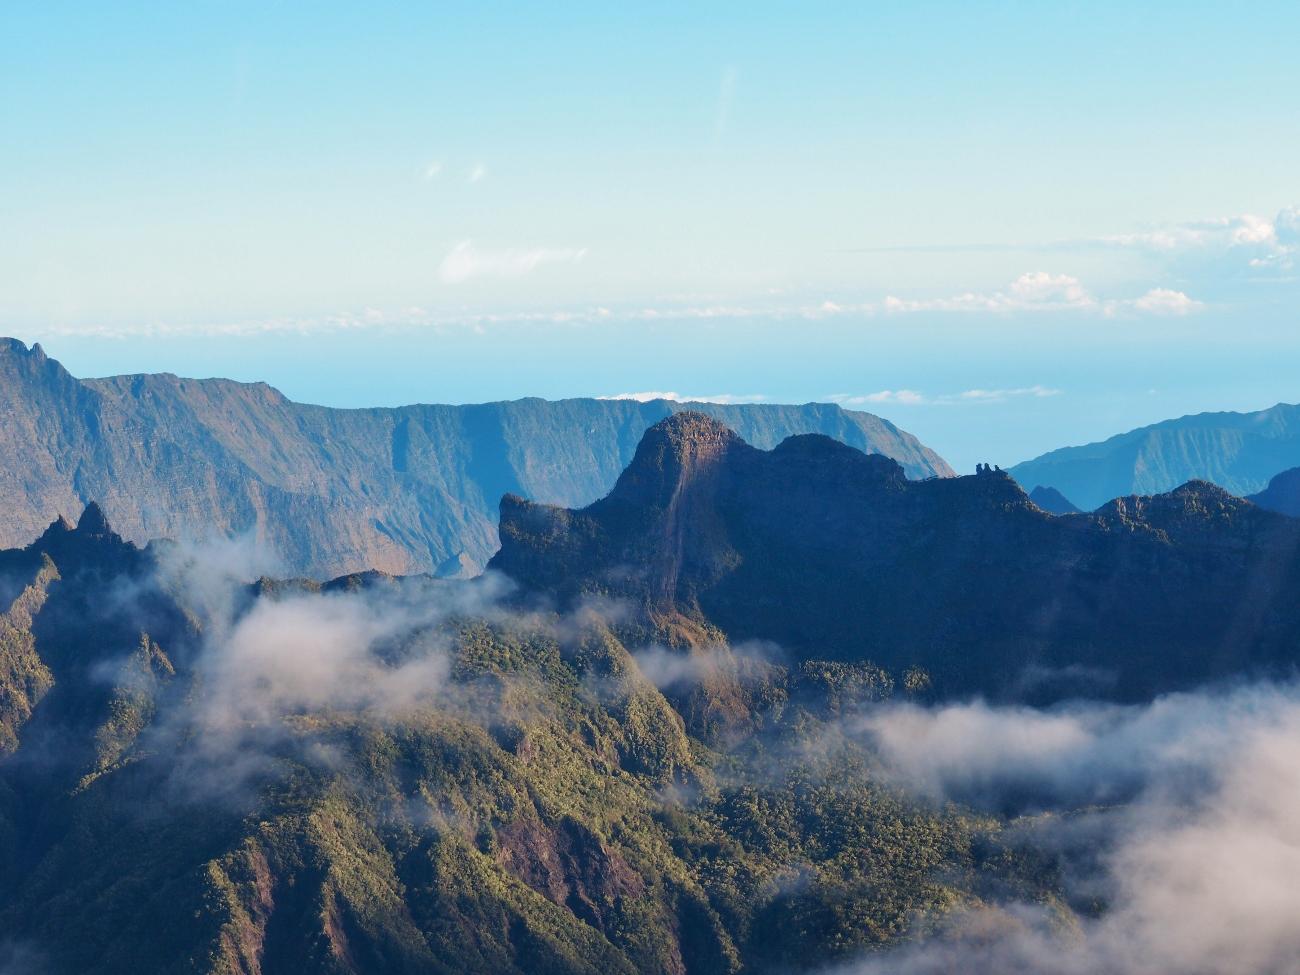 Les trois salazes vue d'hélicoptère à la Réunion